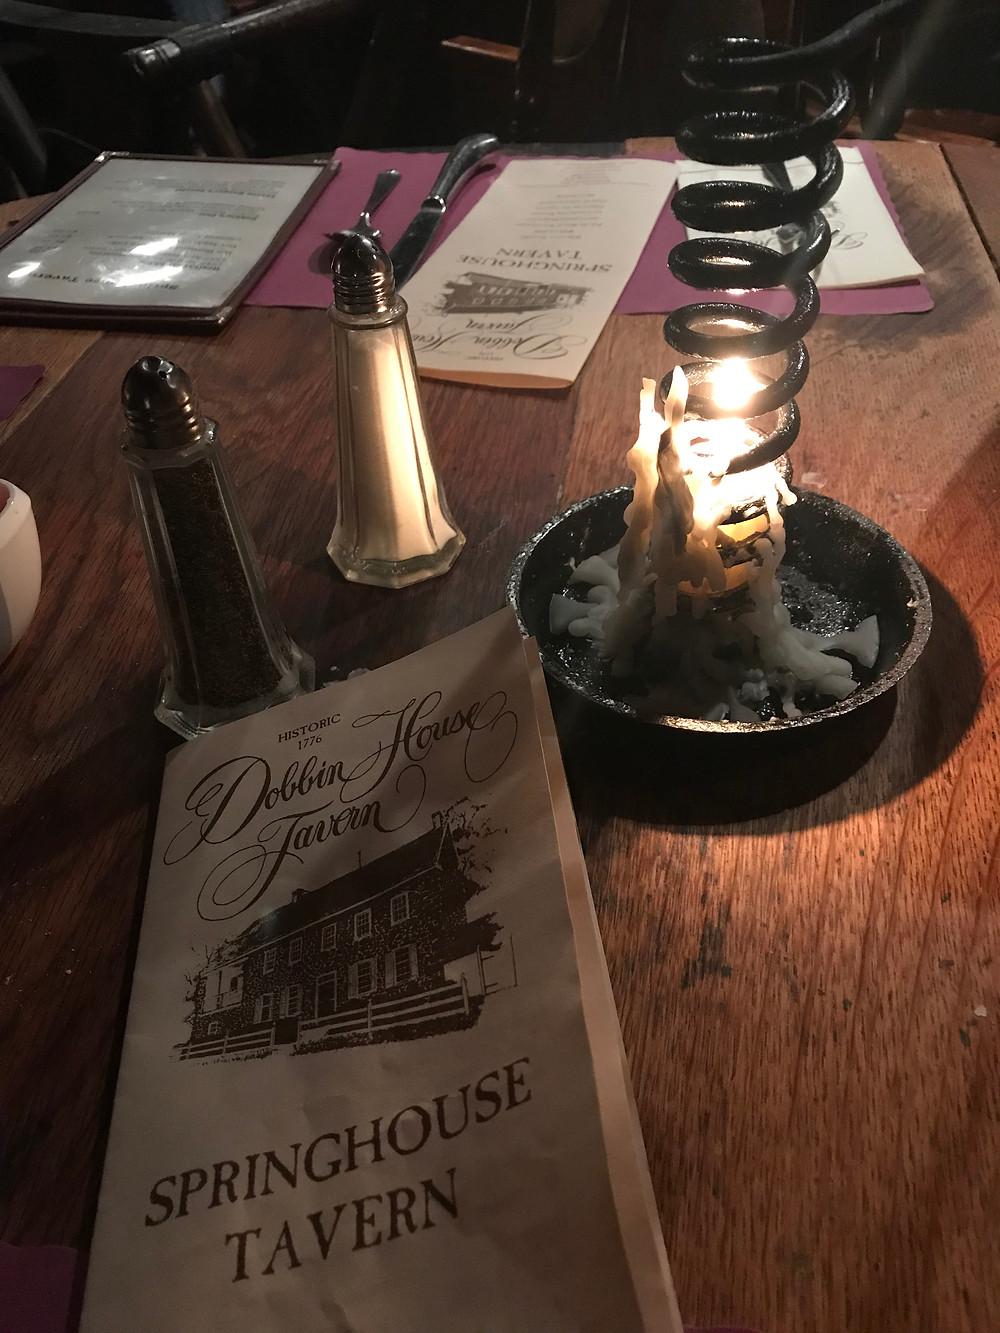 Dobblin House Tavern